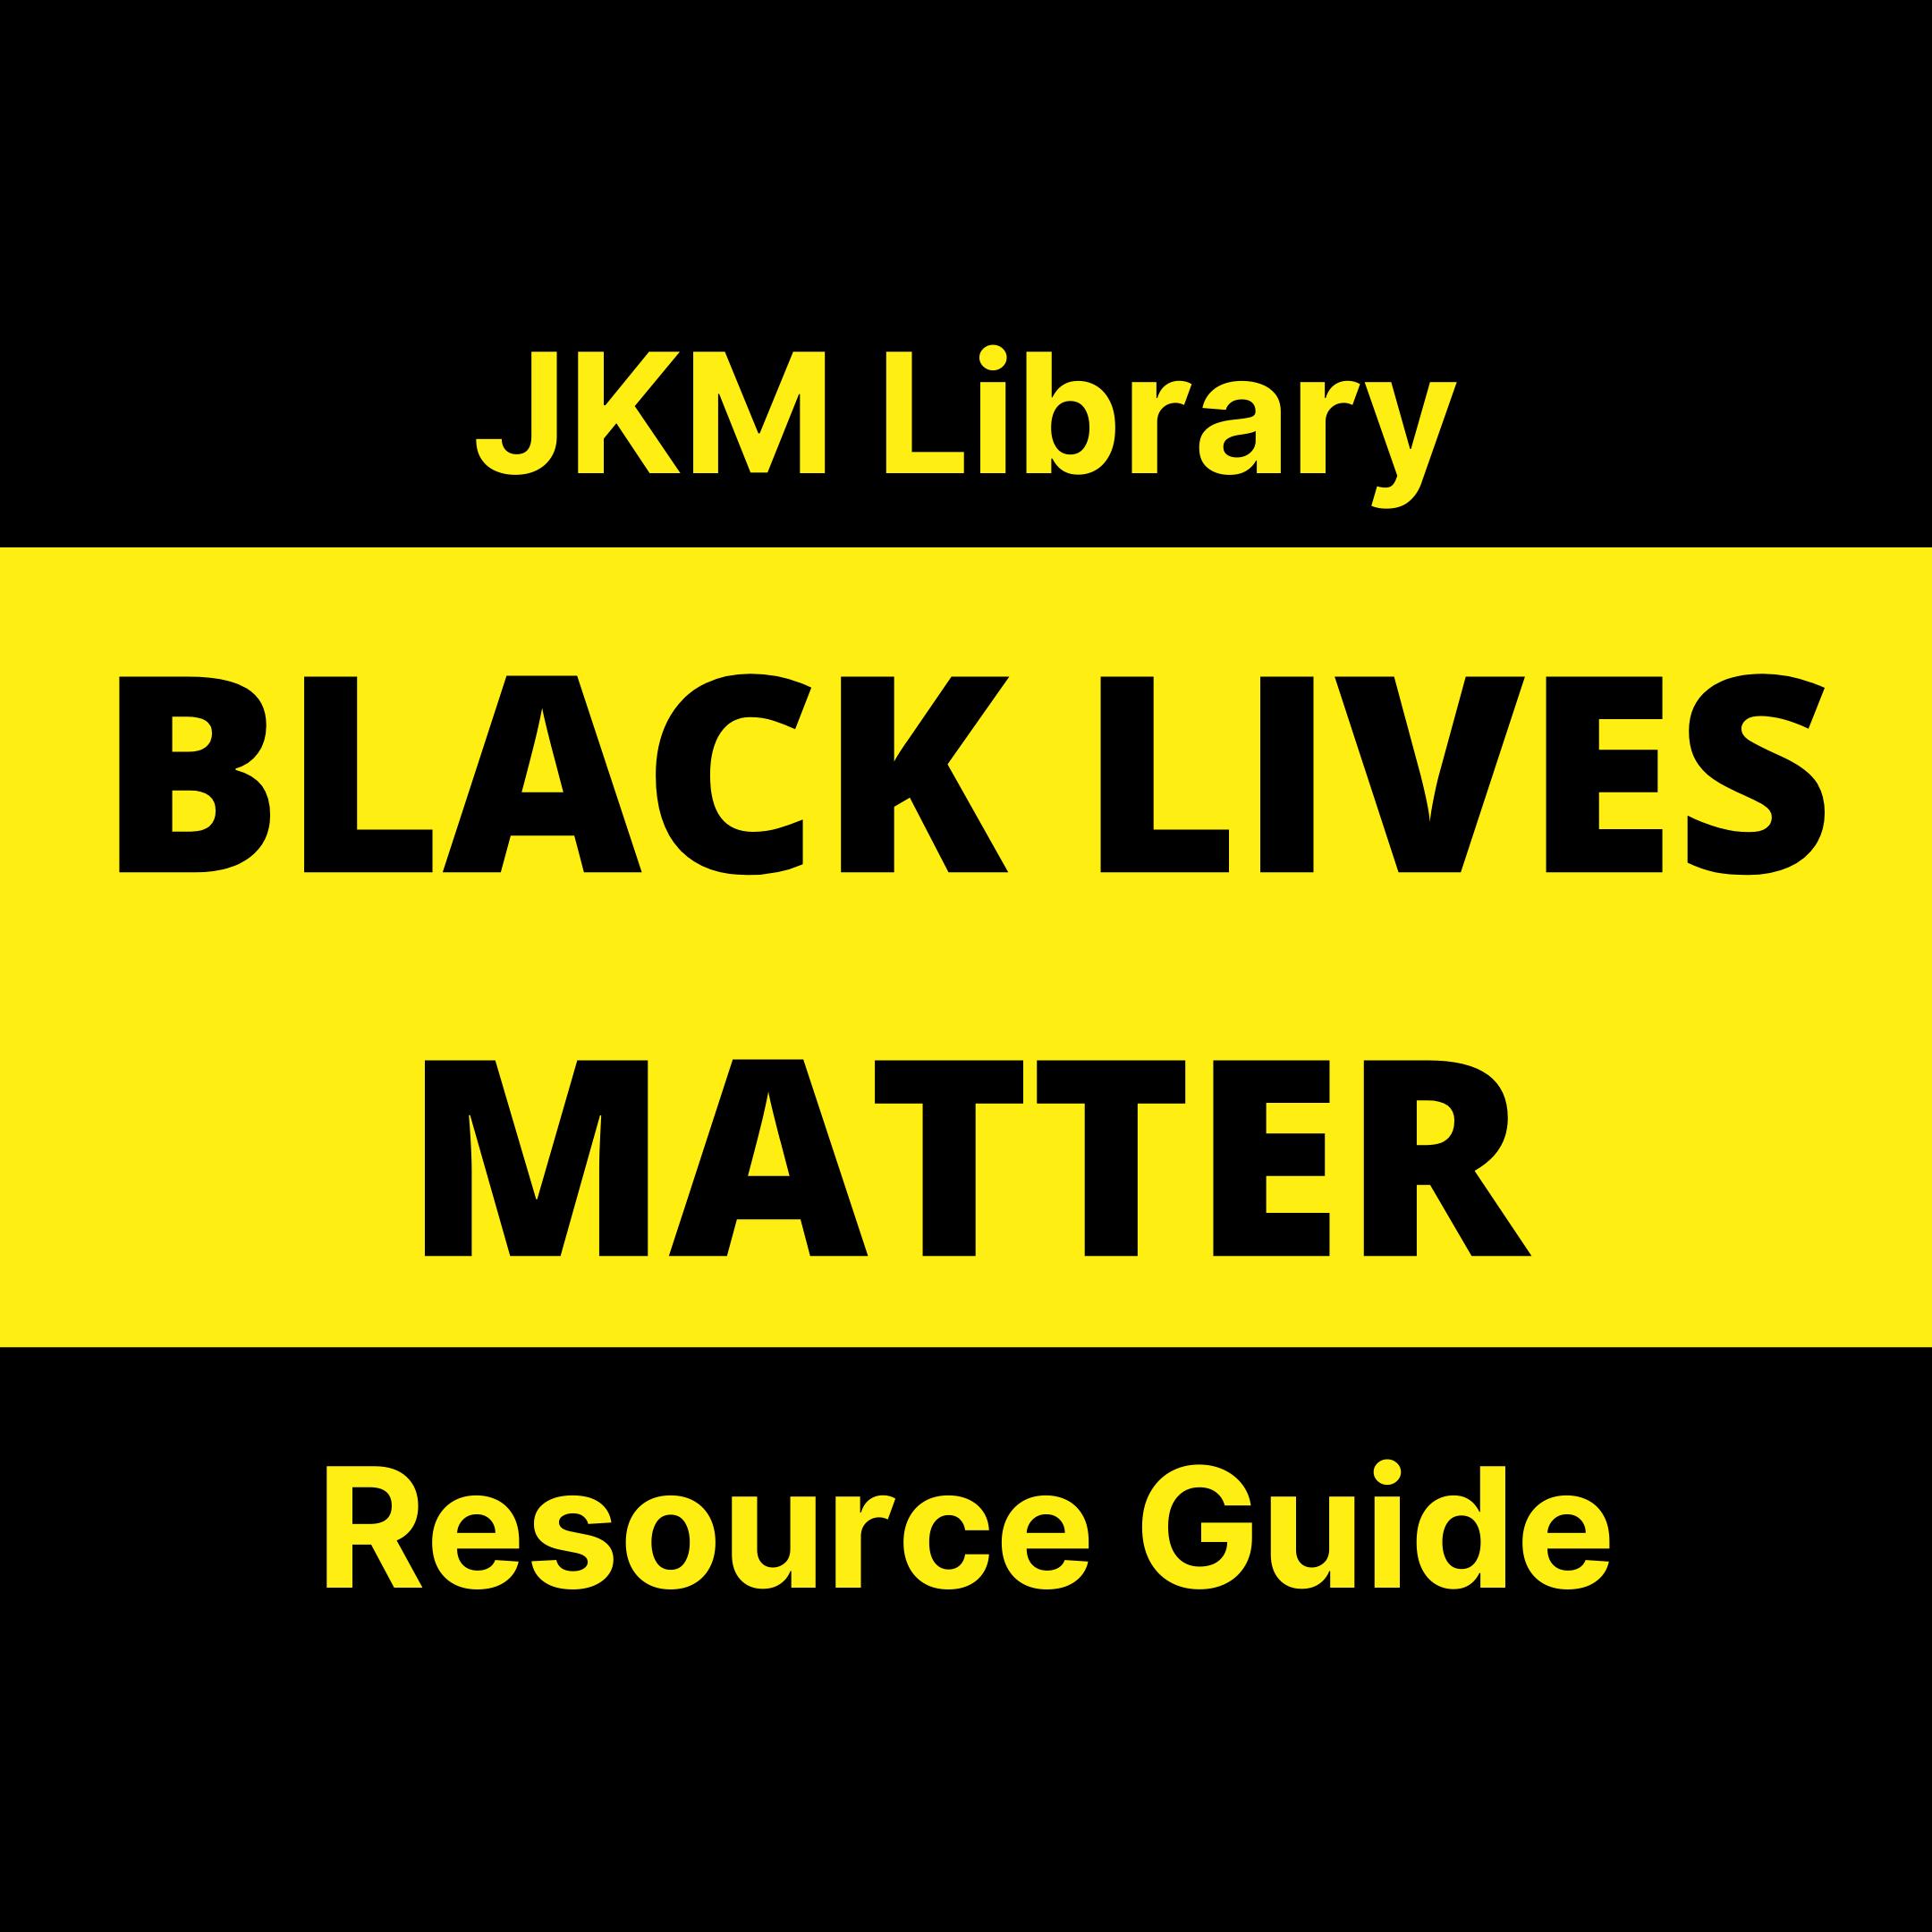 Black Lives Matter Resource Guide